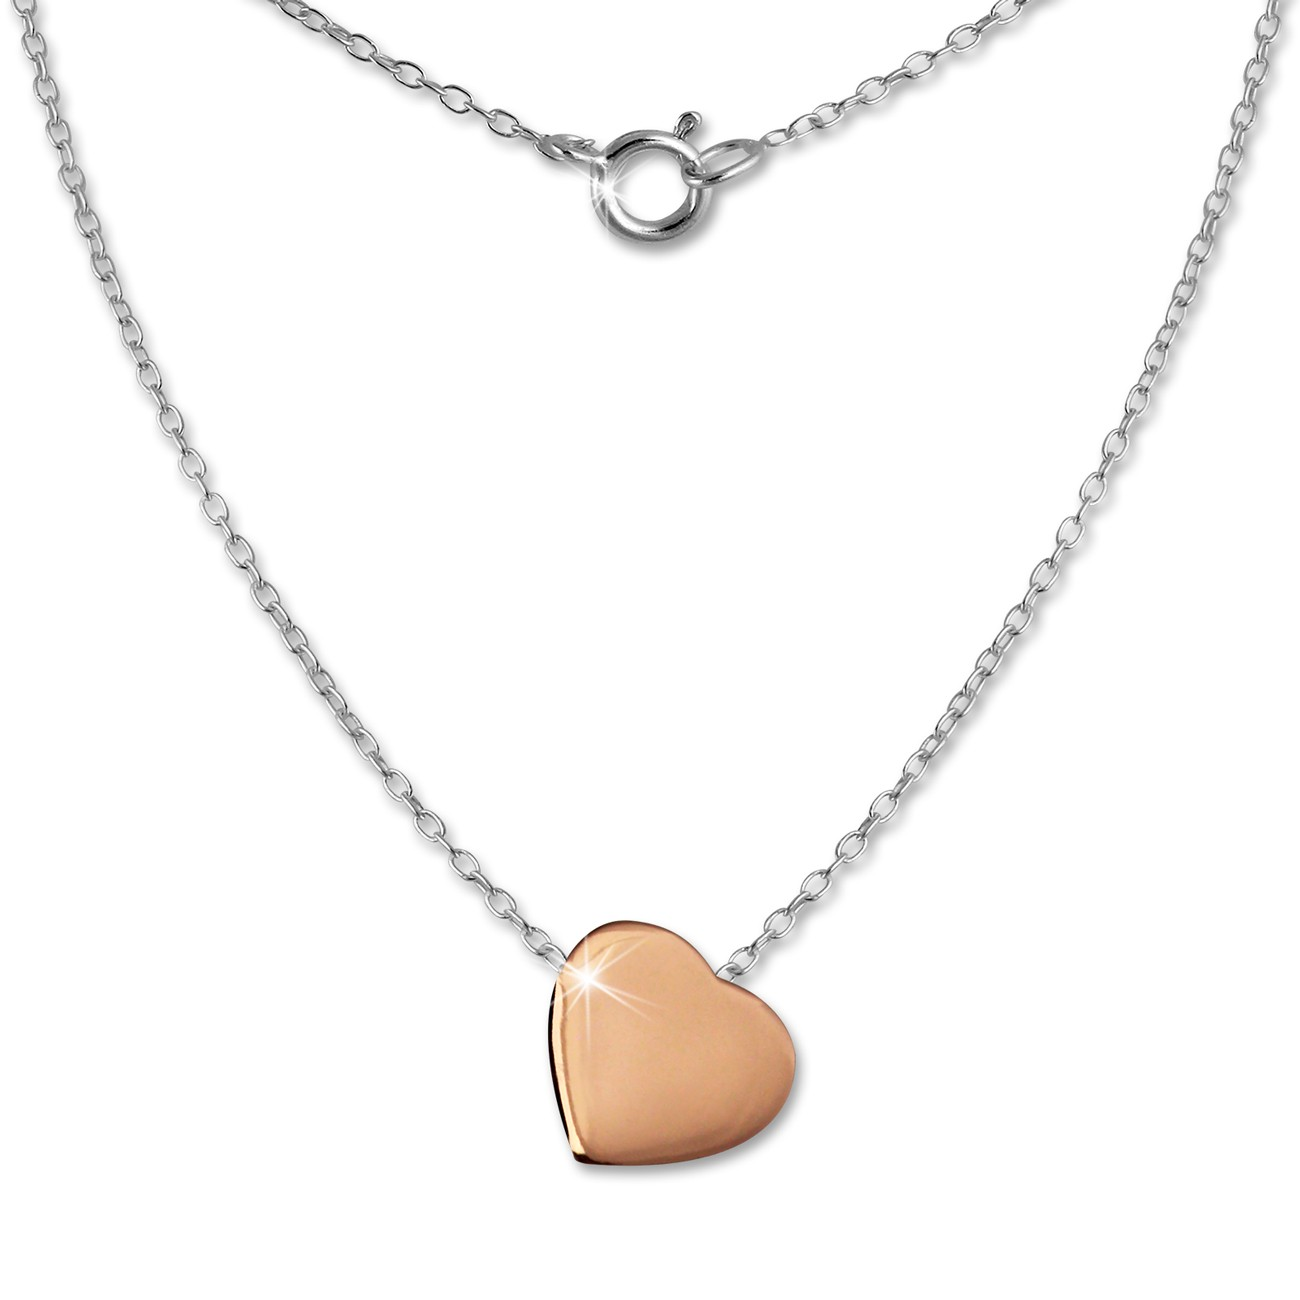 SilberDream Kette Herz rose vergoldet 925 Silber 45cm Halskette SDK8000E